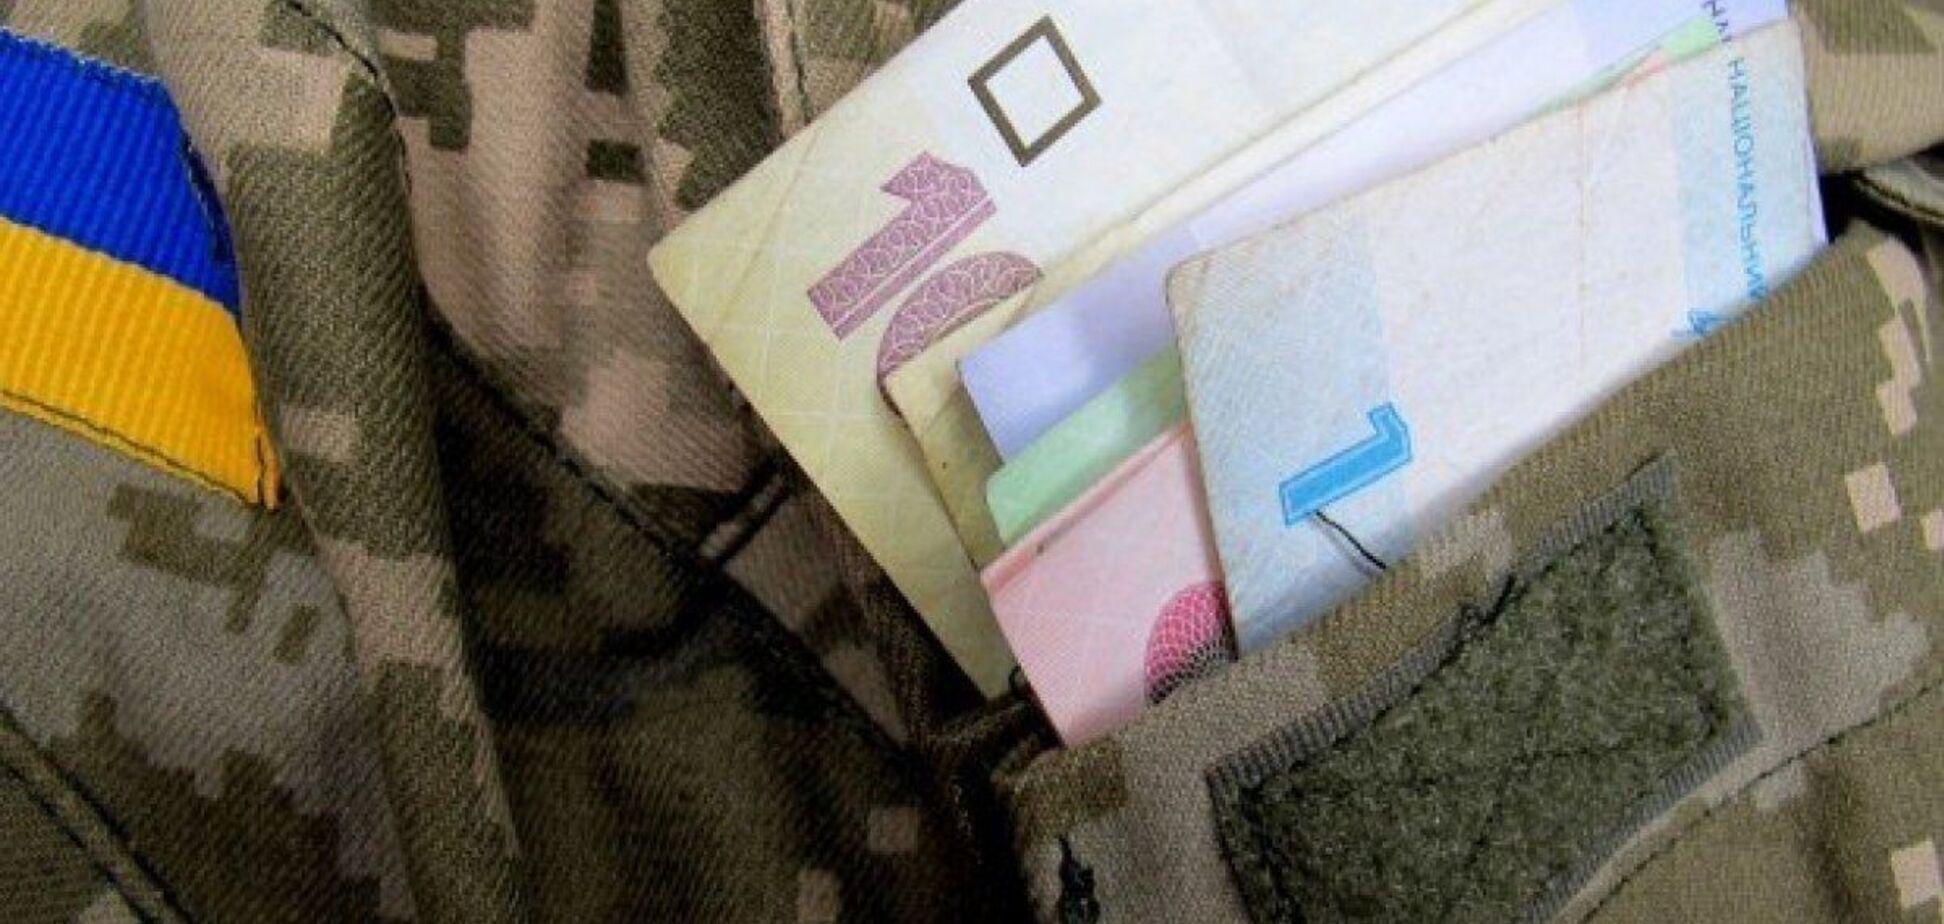 Военнослужащим, которые не имеют нарушений, ввели дополнительные вознаграждения. Фото: 5 канал